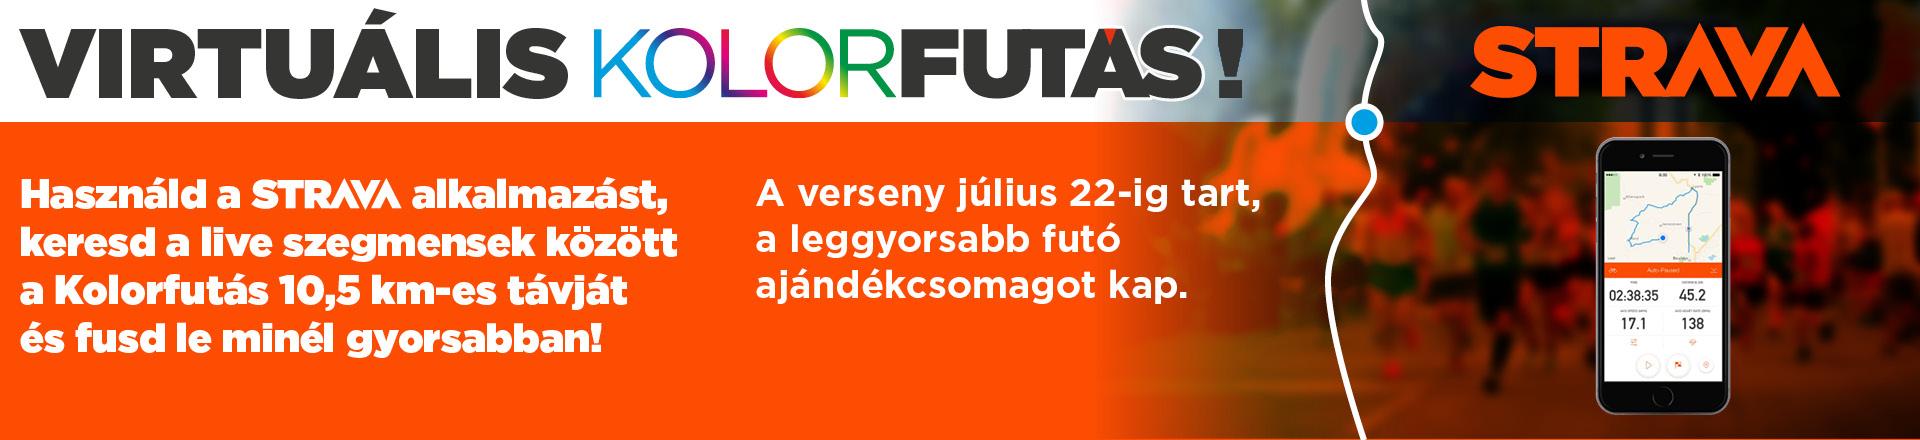 Virtuális Kolorfutás (Strava)